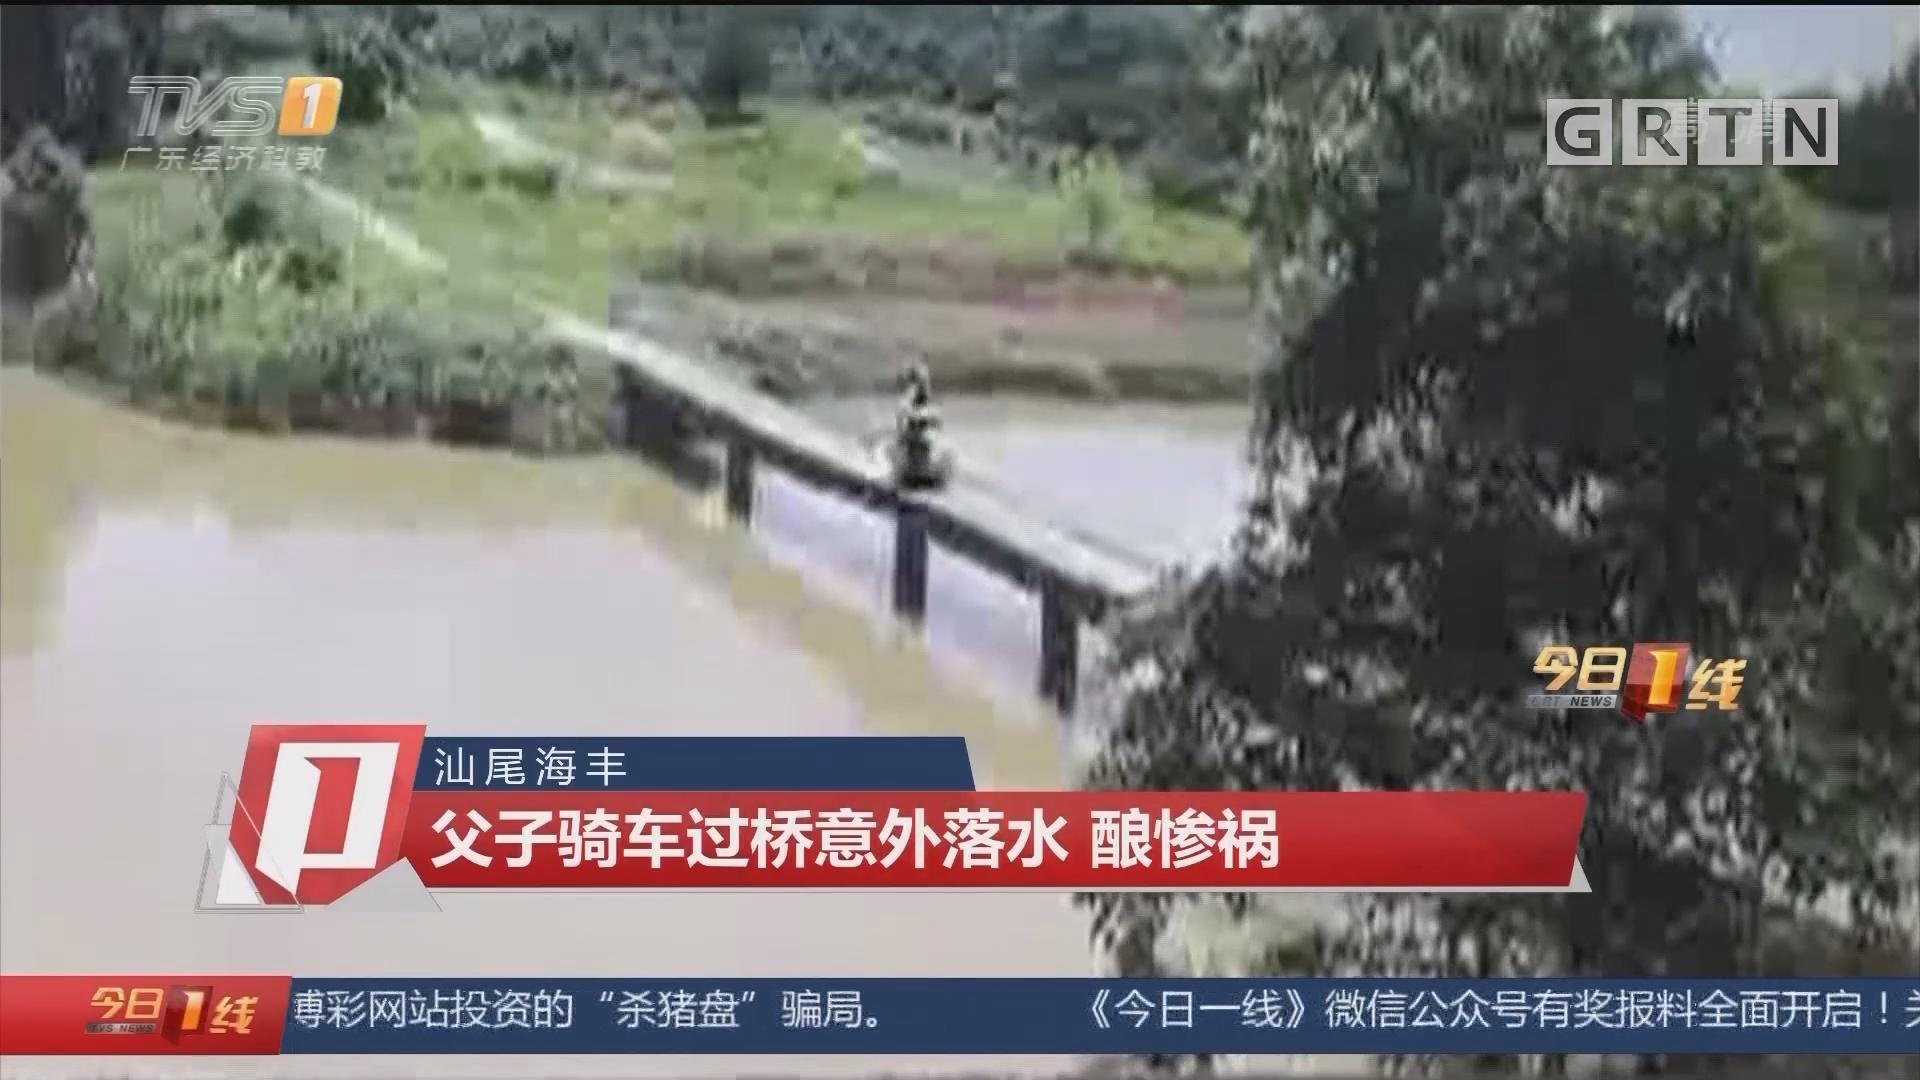 汕尾海丰:父子骑车过桥意外落水 酿惨祸